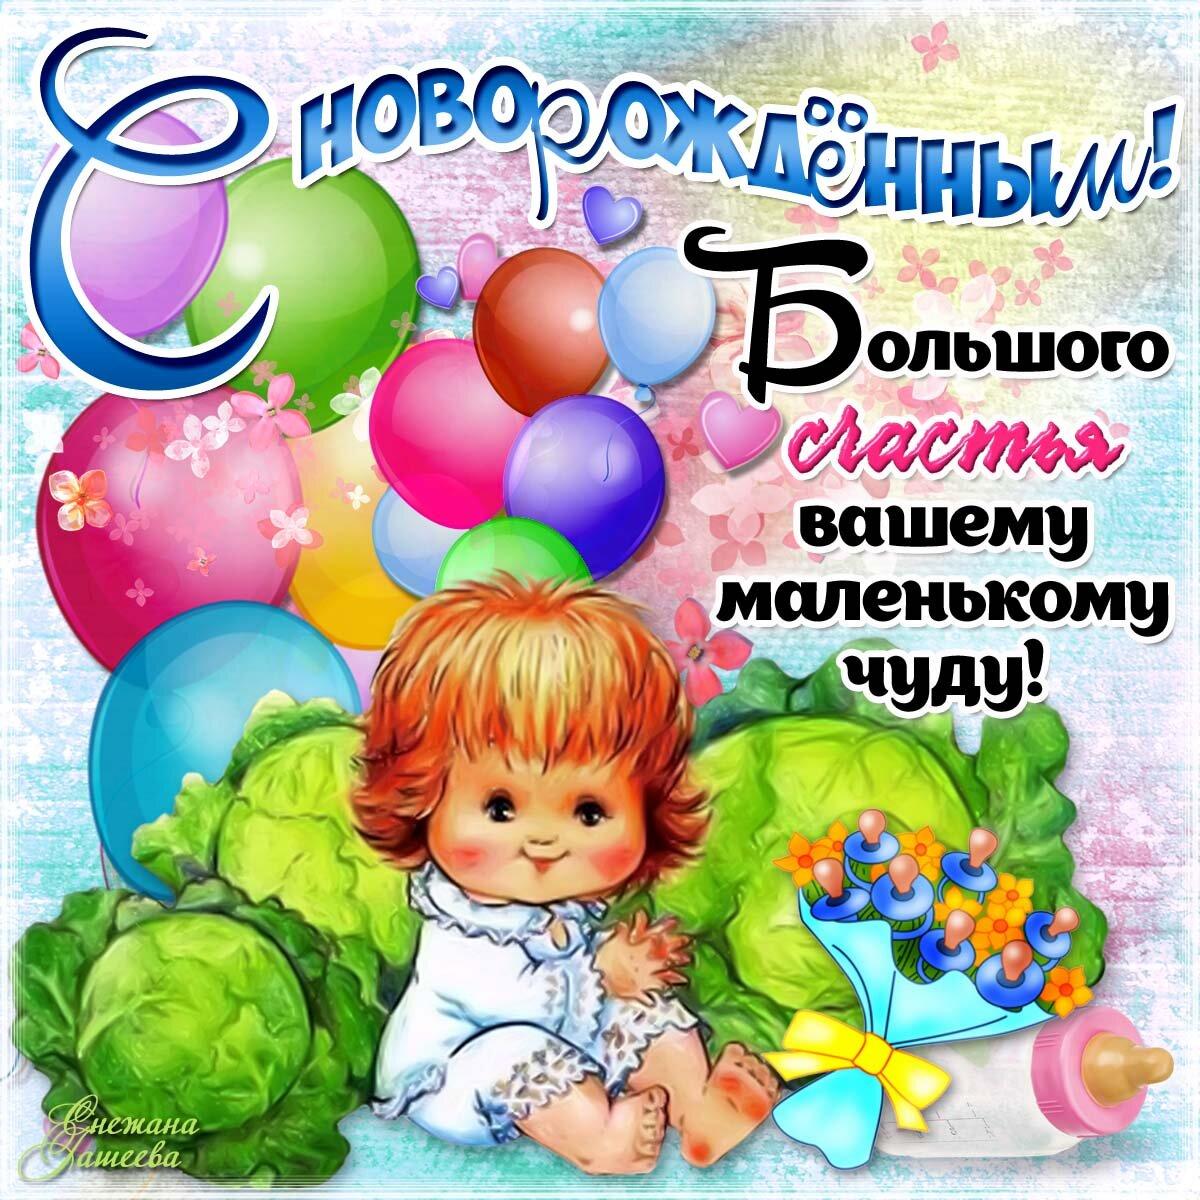 Поздравление рождение ребенка